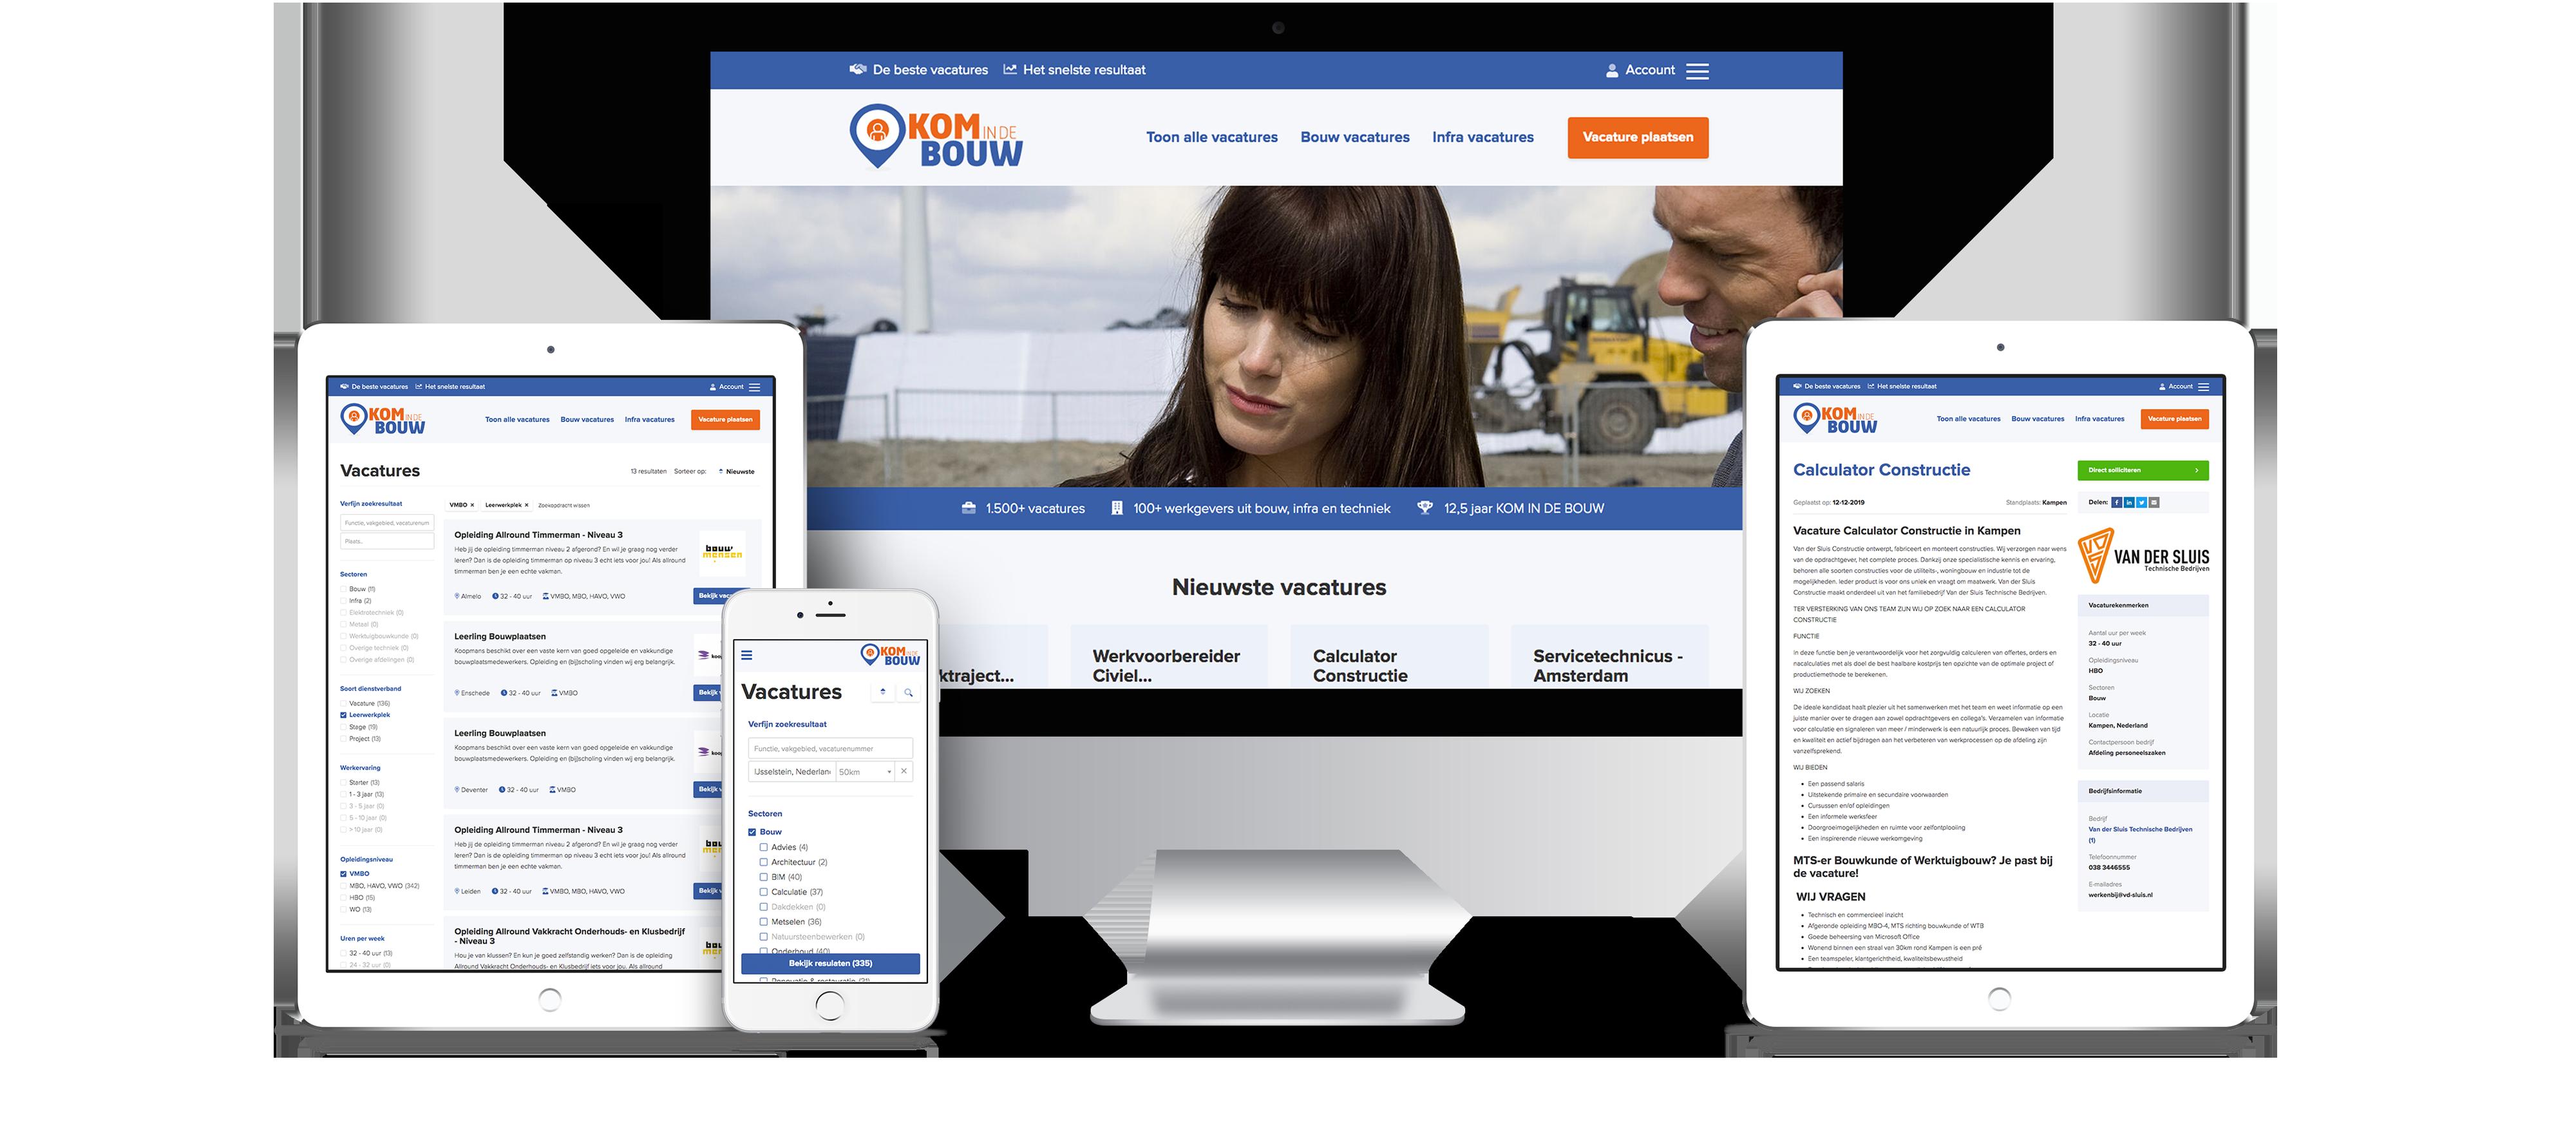 Online veiling bedrijf beginnen